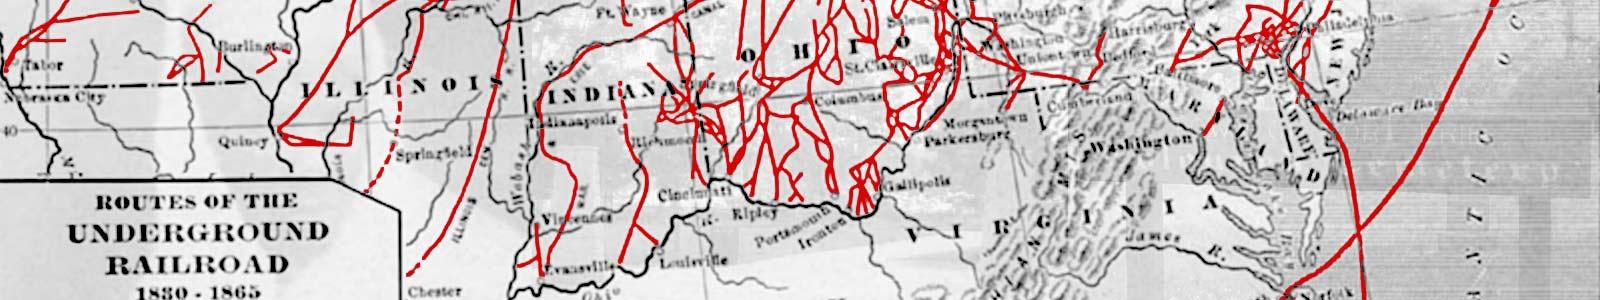 Underground Railway Map